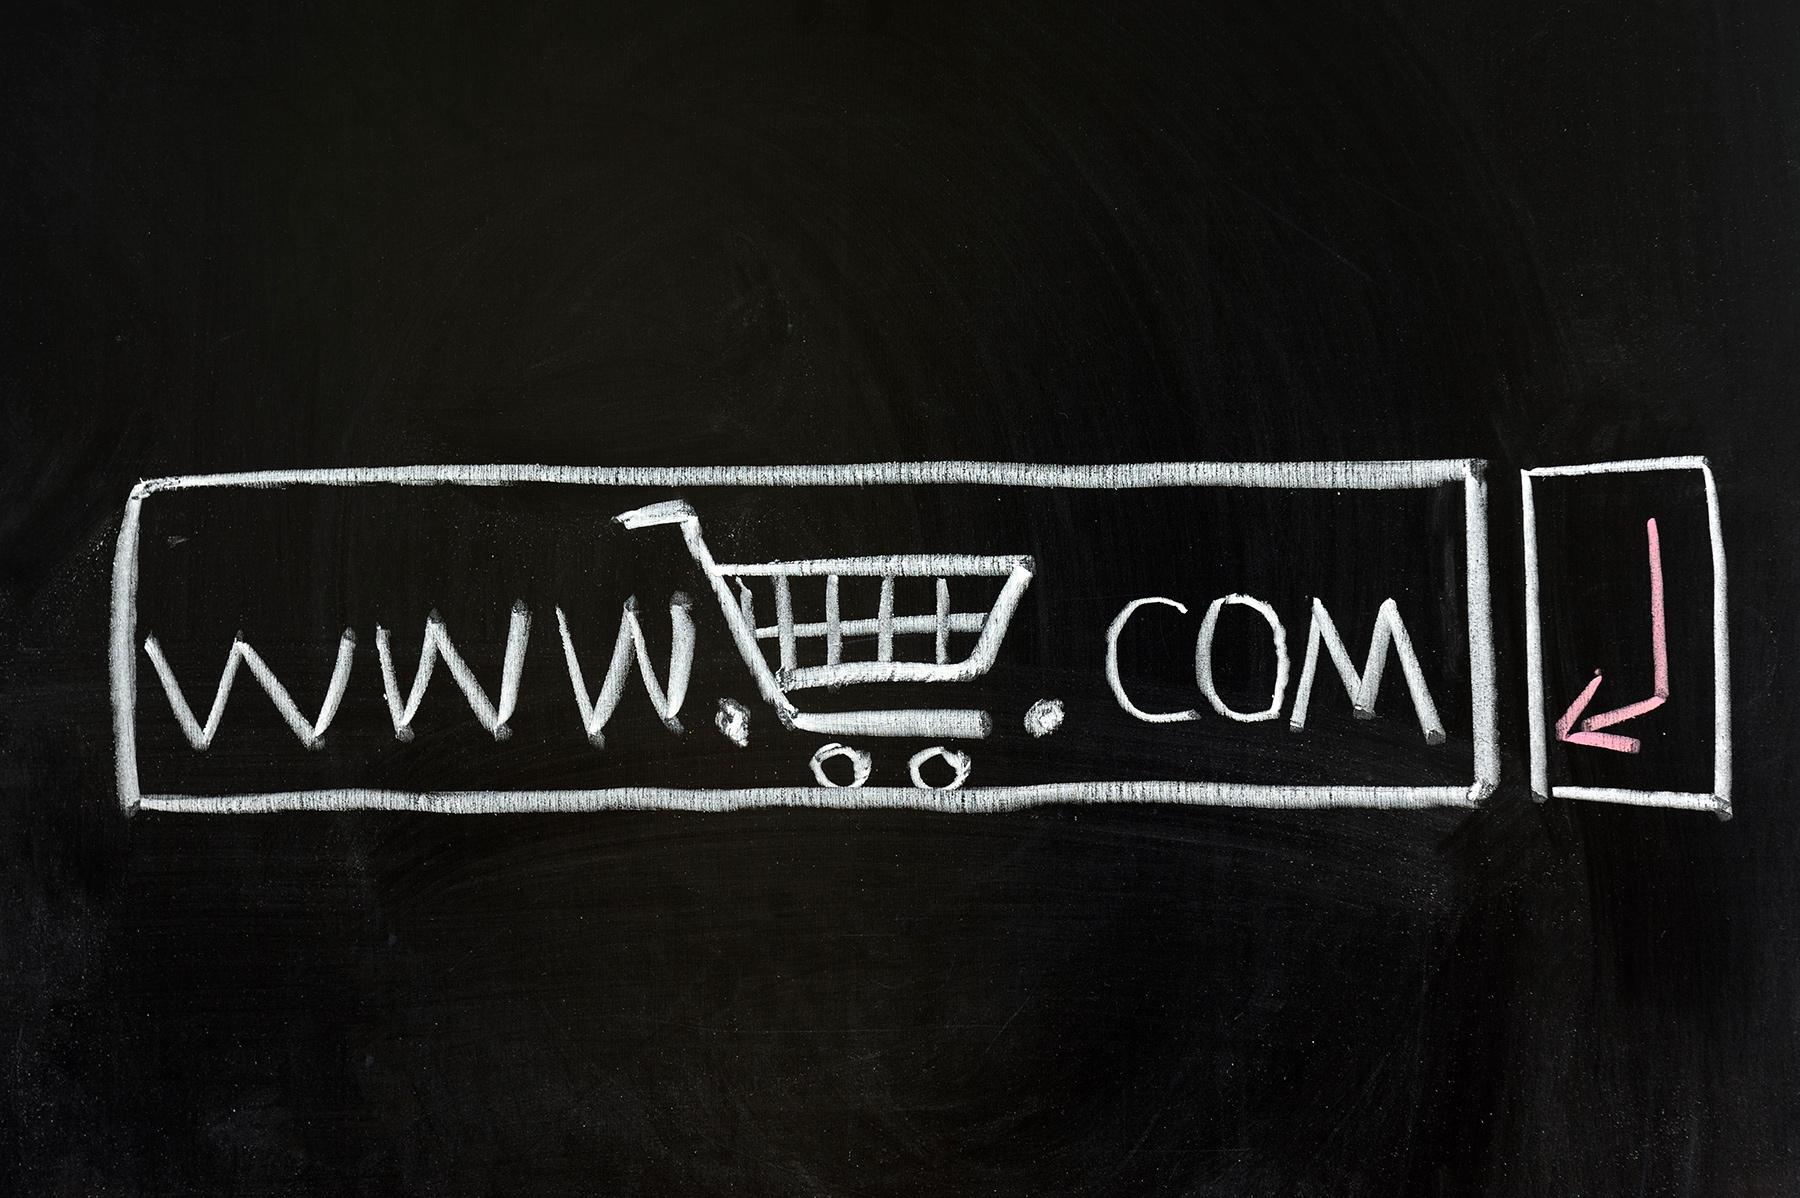 Prestations De Services E Commerce En B2c Une Reforme Majeure Des